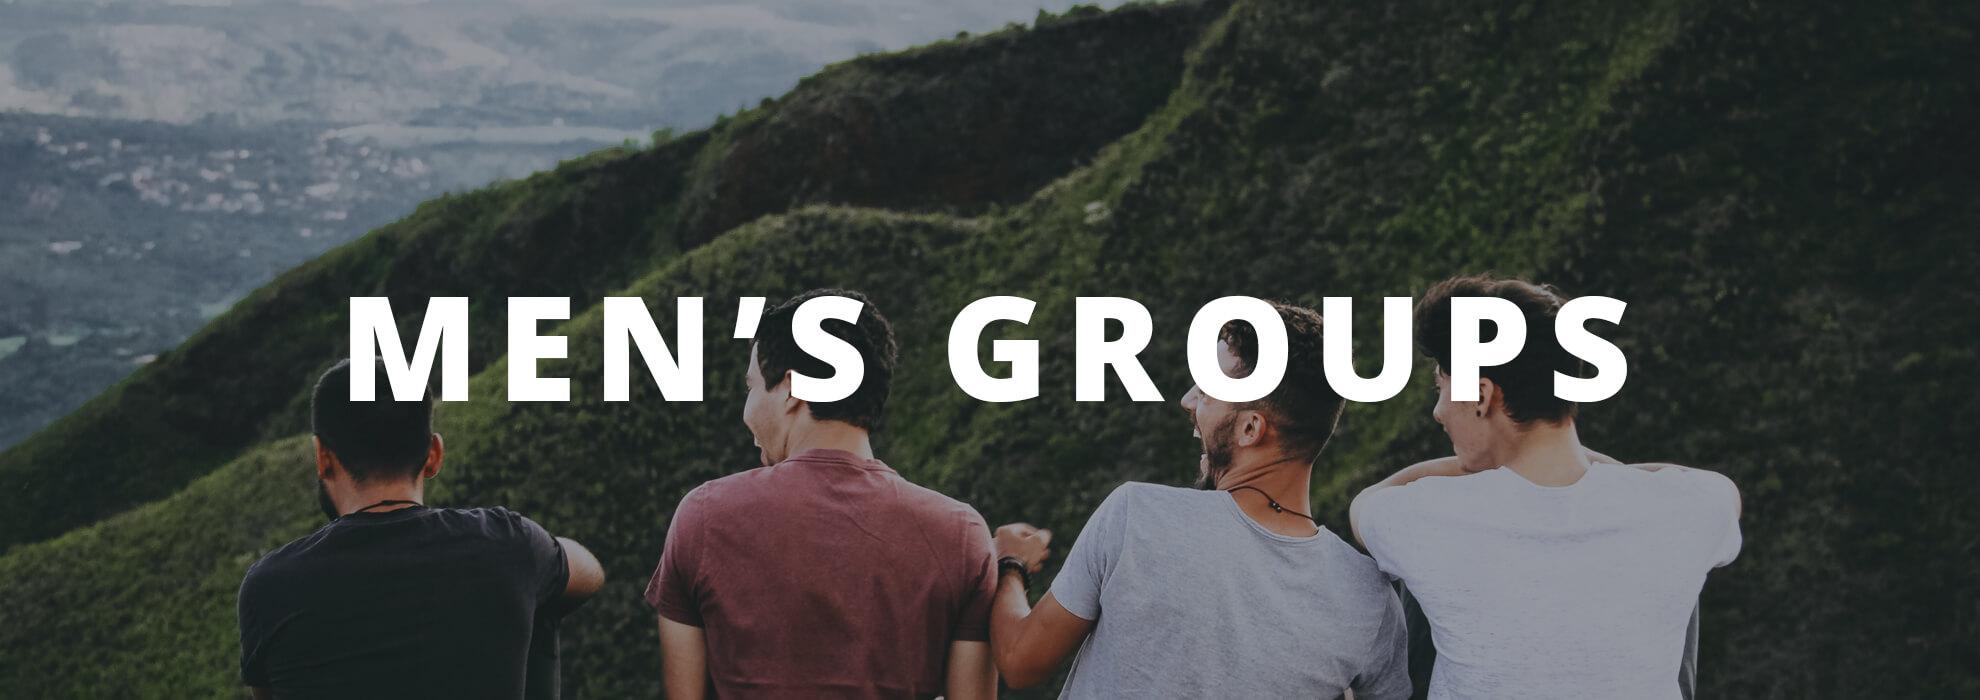 Men'sGroups